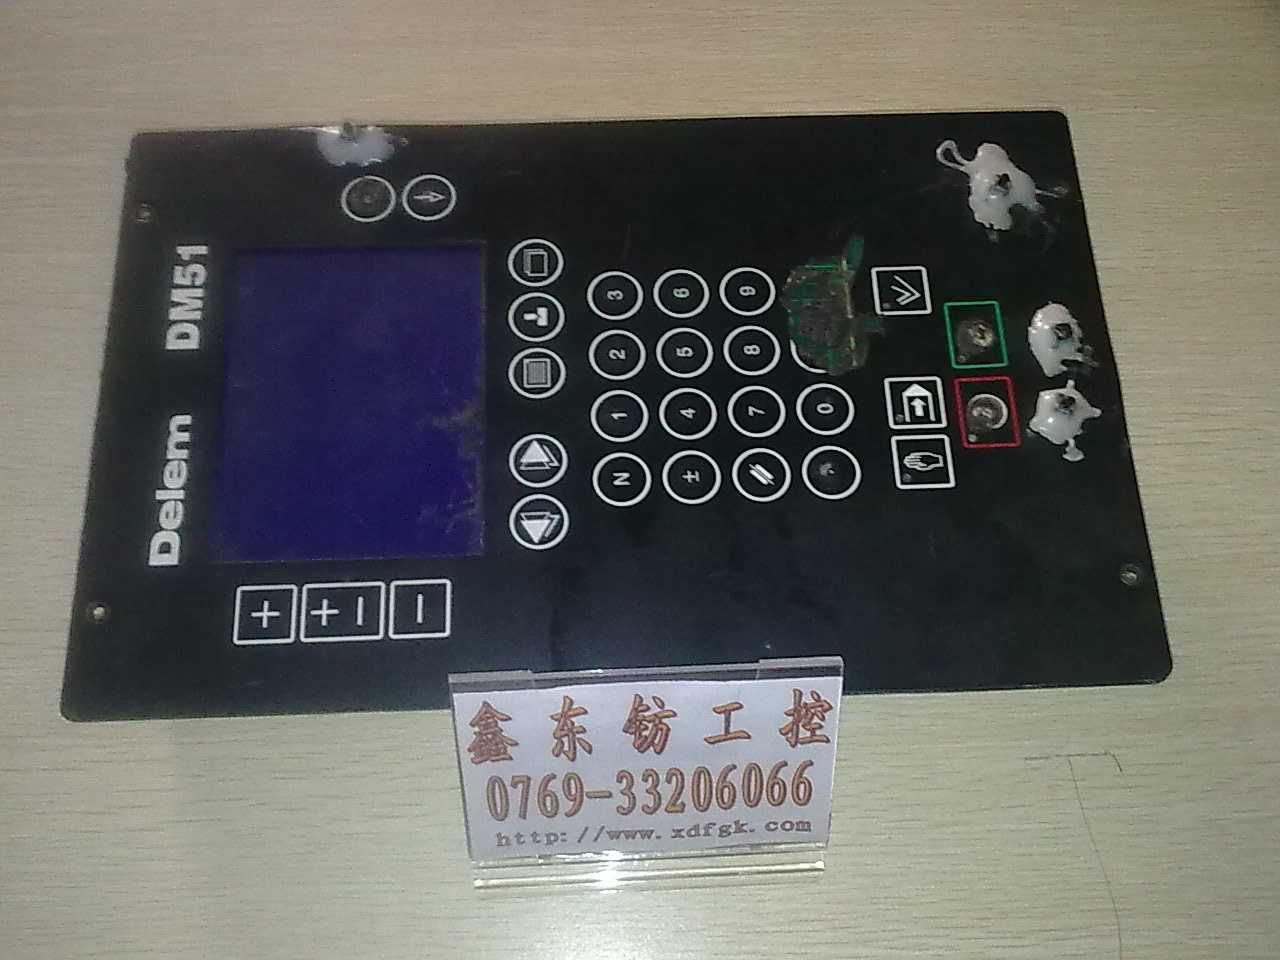 鑫东钫DELEMDA-52,DM-51,DA-51面板系统,东莞市鑫东钫工控设备有限公司